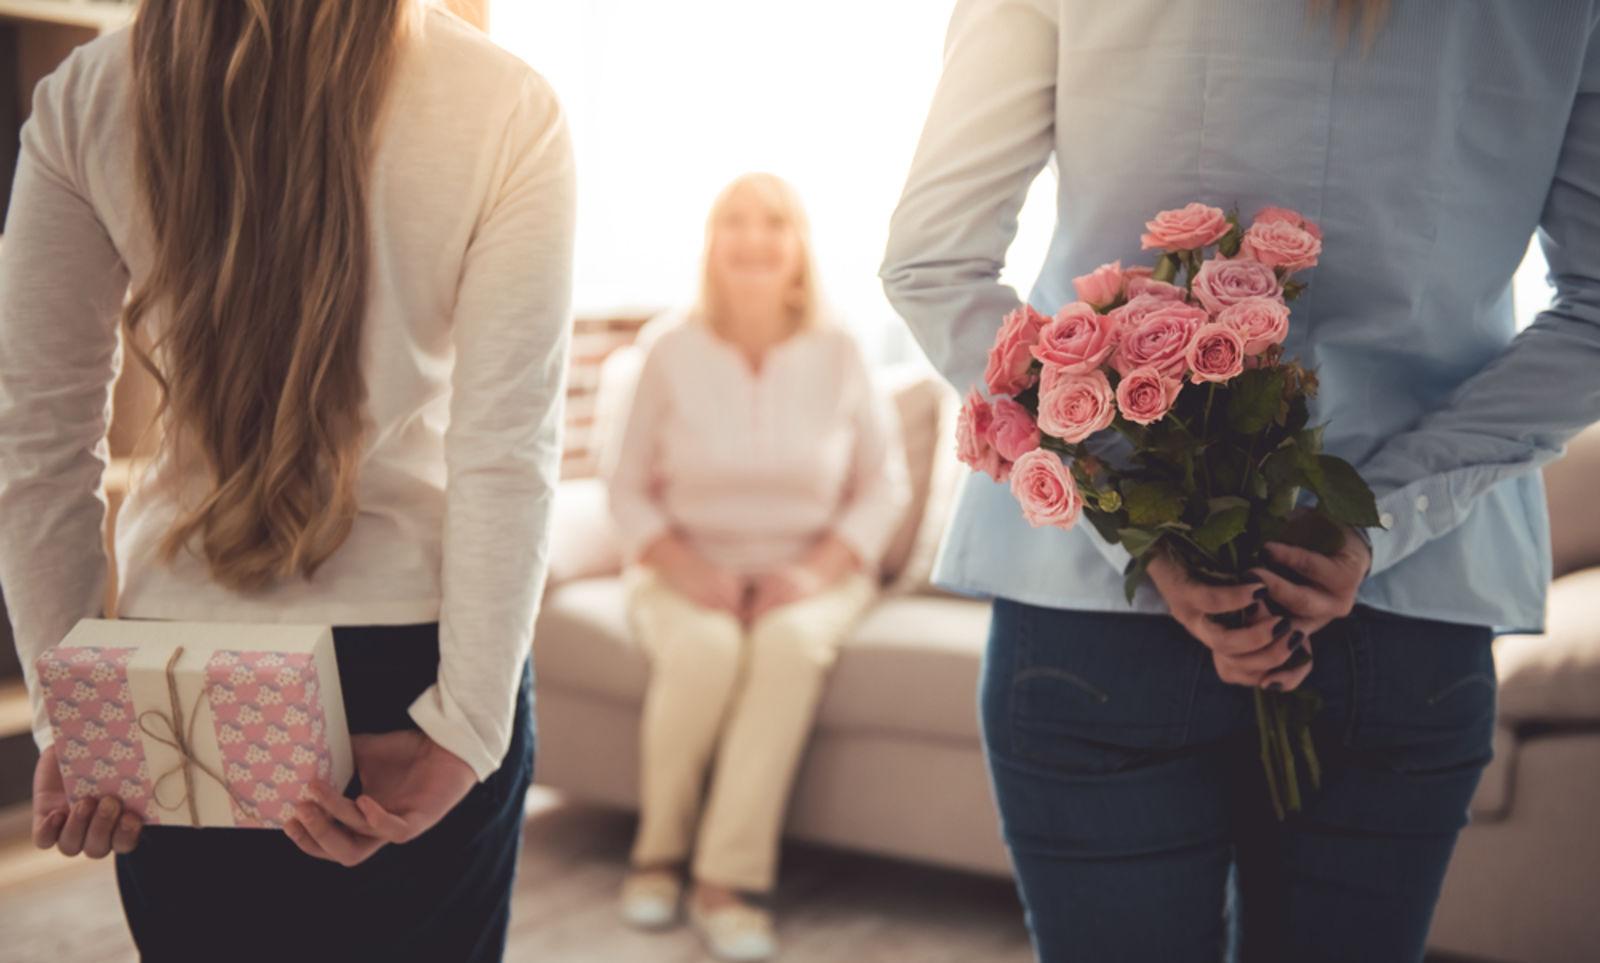 Teenagermädchen und ihre Mutter verbergen Blumen und eine Geschenkbox für ihre wunderschöne Oma hinter Rücken, während Großmutter zu Hause auf der Couch sitzt